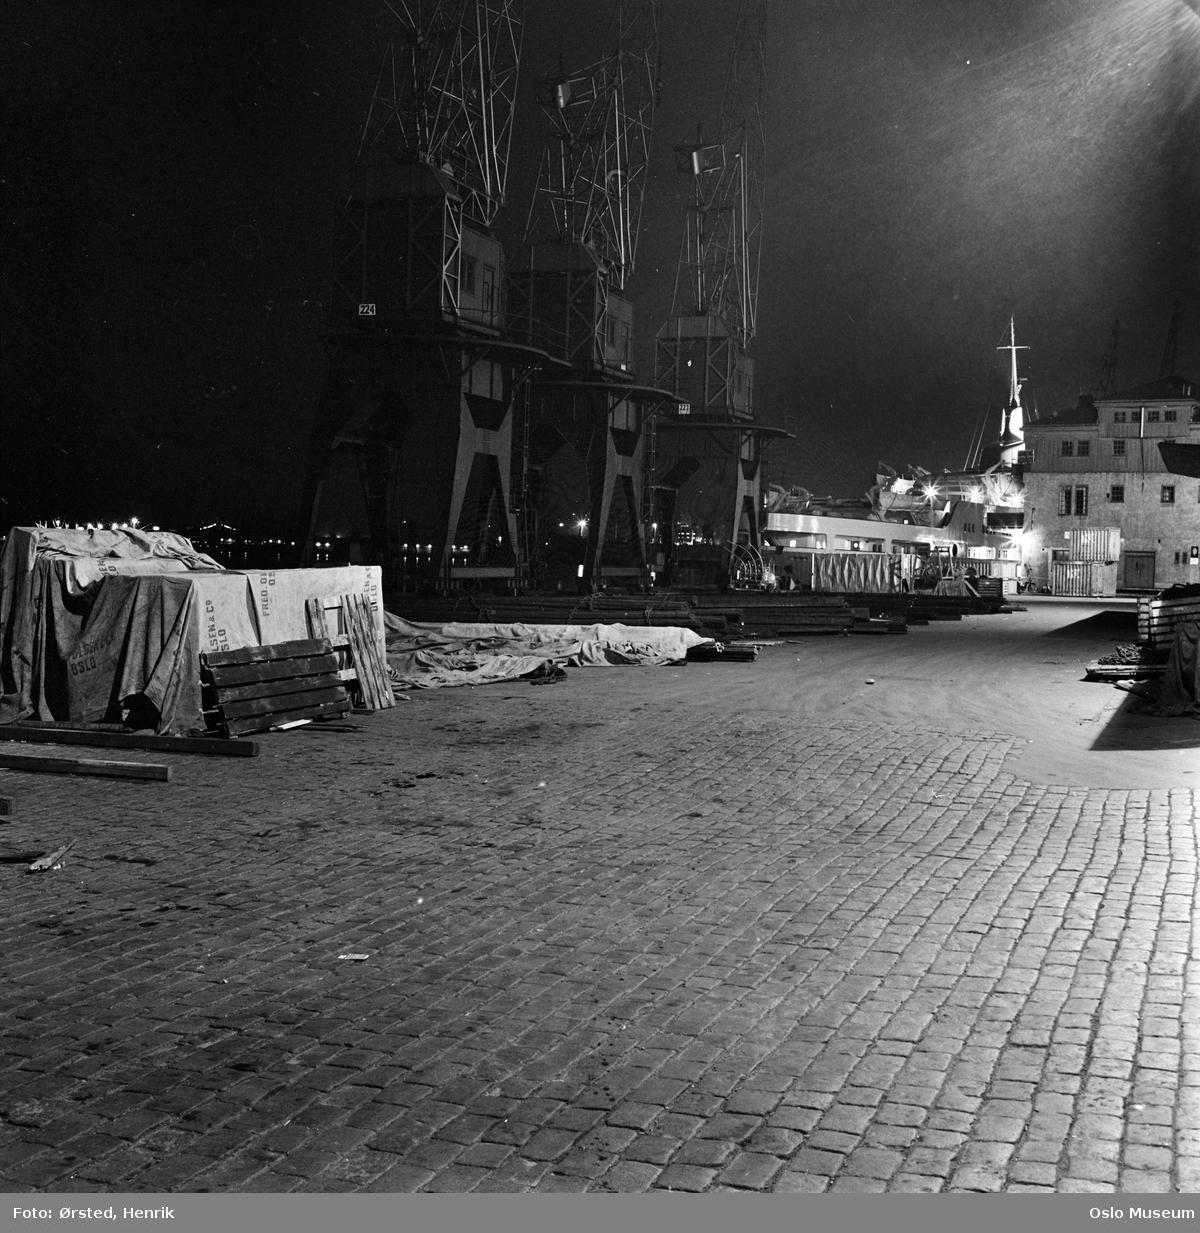 havn, natt, brostein, kraner, paller, havneskur